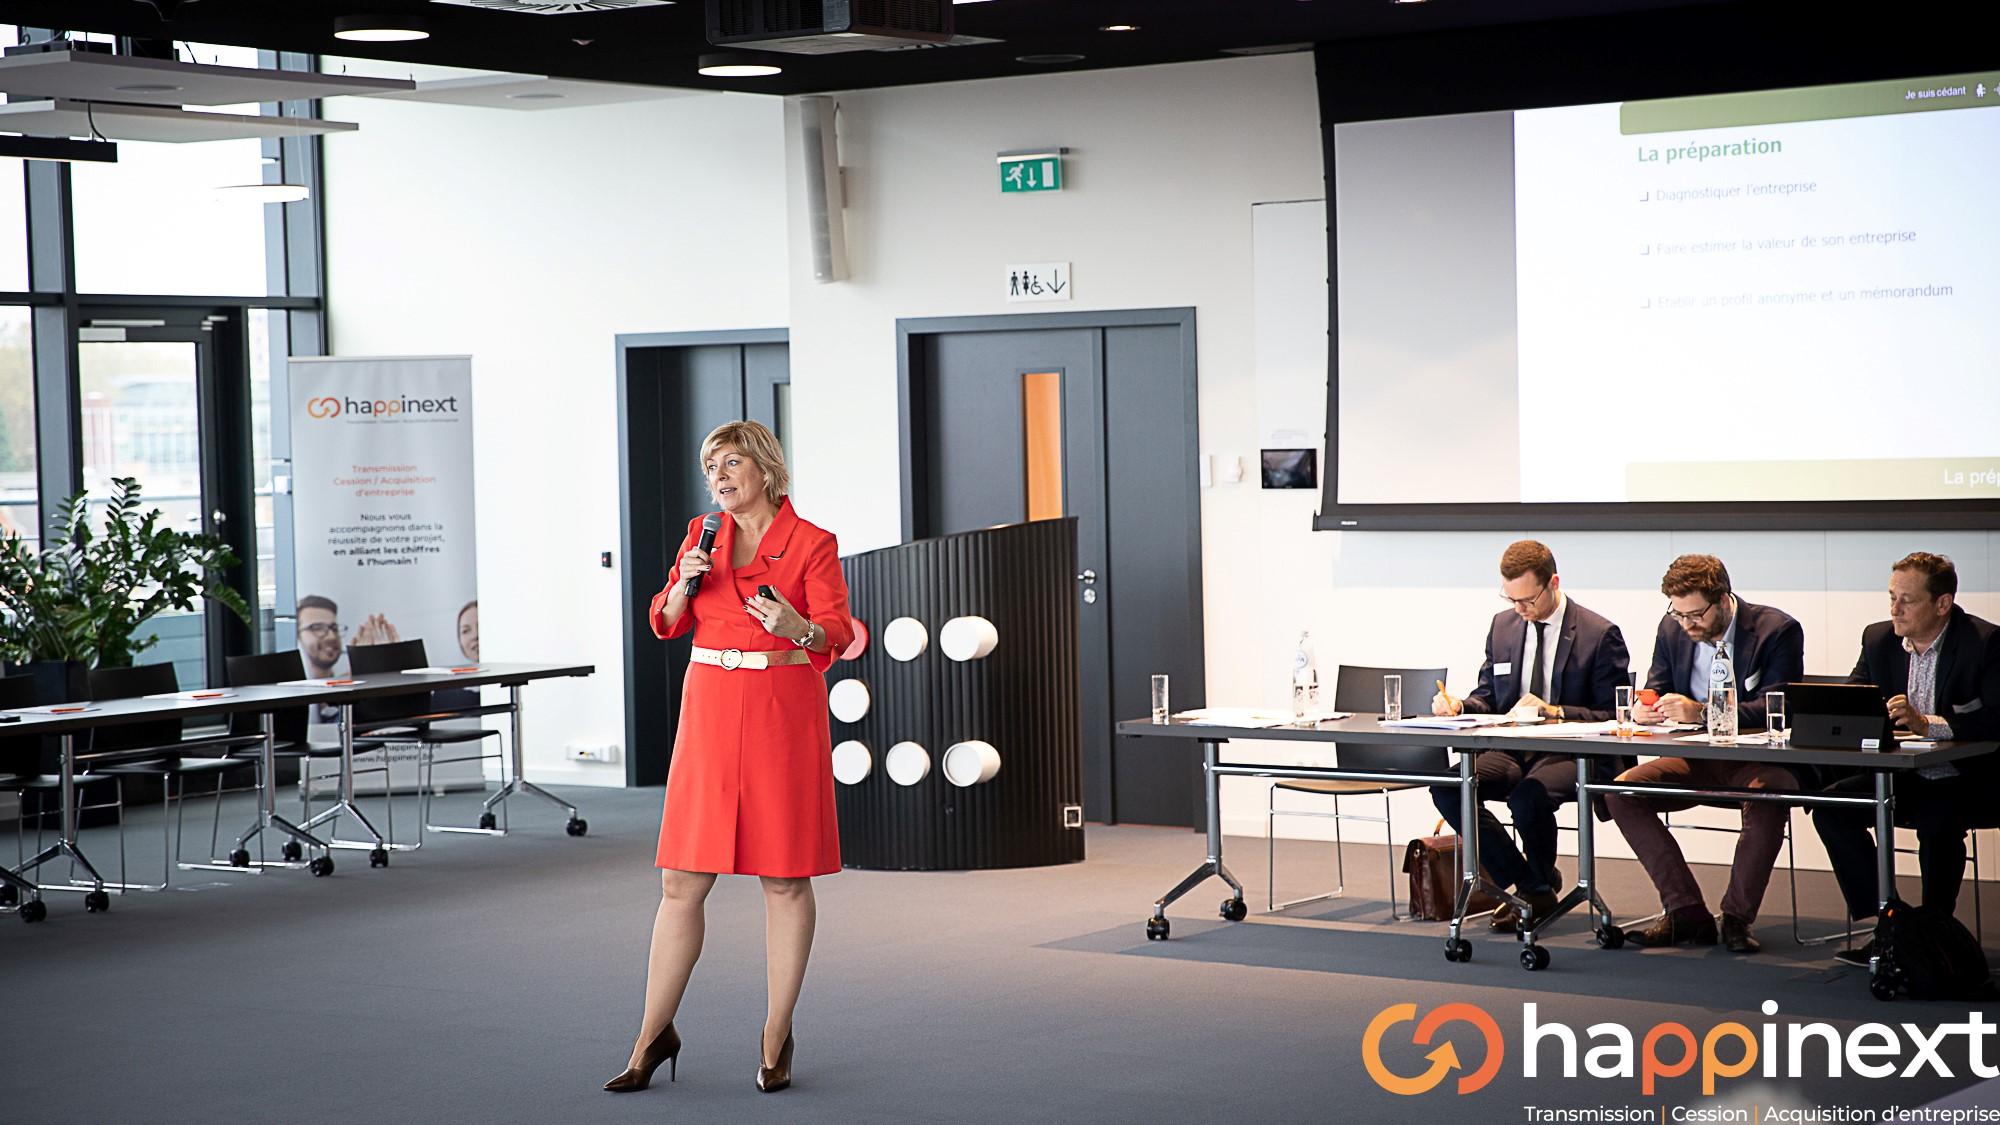 Cession, Acquisition, Transmission d'entreprise Happinext Wallonie Nathalie Brognaux